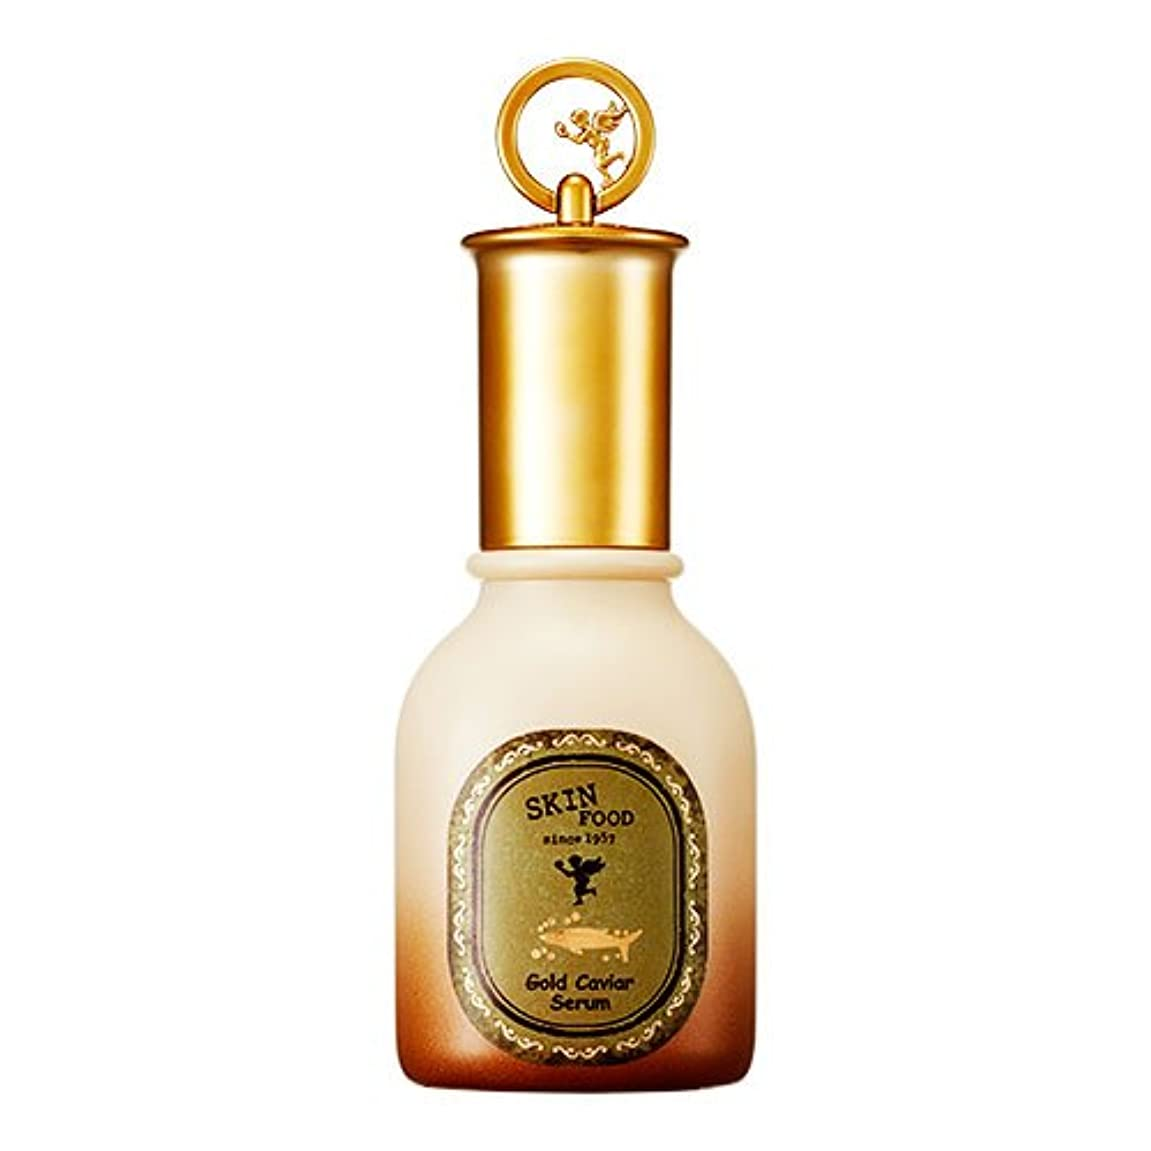 振る興奮する守銭奴Skinfood ゴールドキャビアセラム(しわケア) / Gold Caviar Serum (wrinkle care) 45ml [並行輸入品]